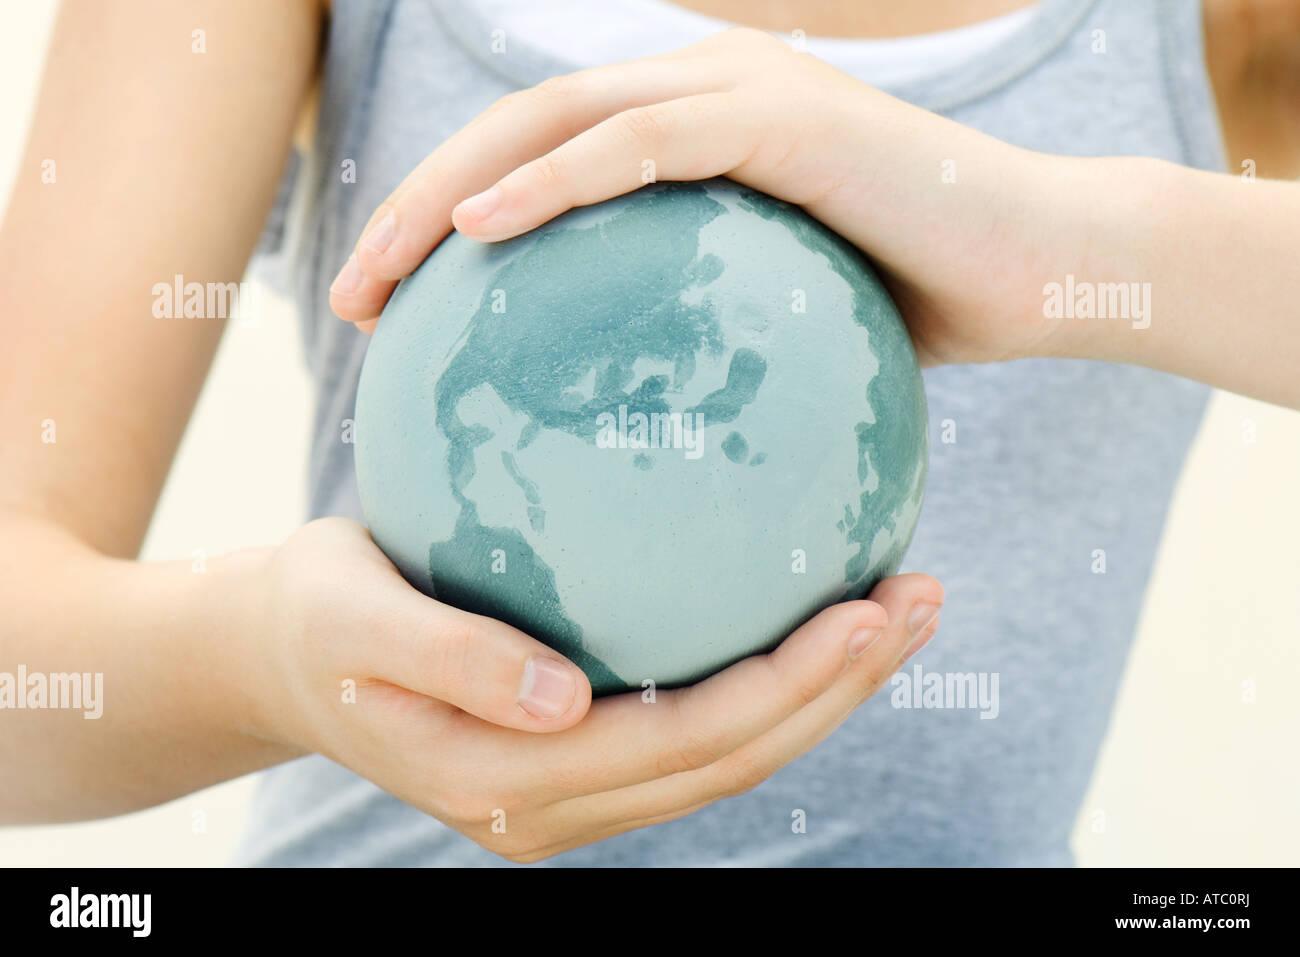 Frau, die Welt in der hohlen Hand, Nahaufnahme, verkürzte Ansicht Stockbild